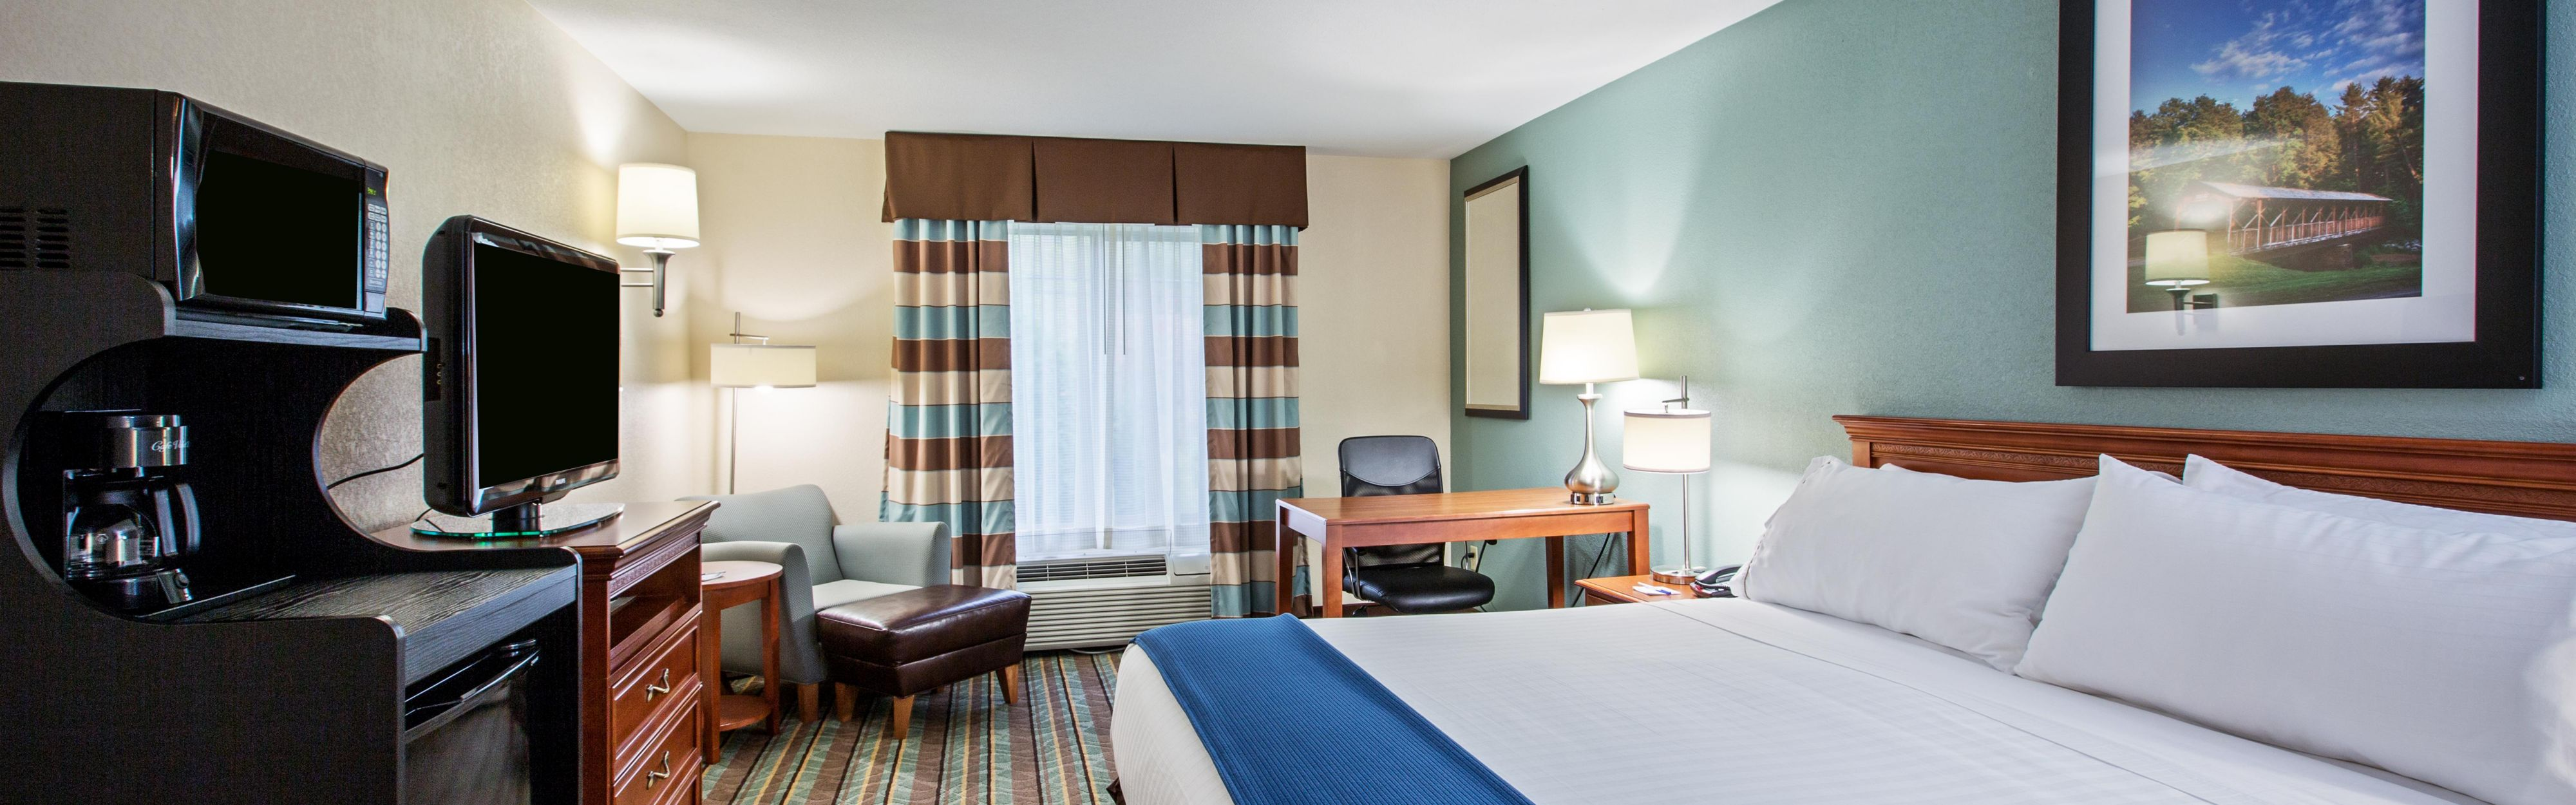 Holiday Inn Express & Suites Salamanca image 1